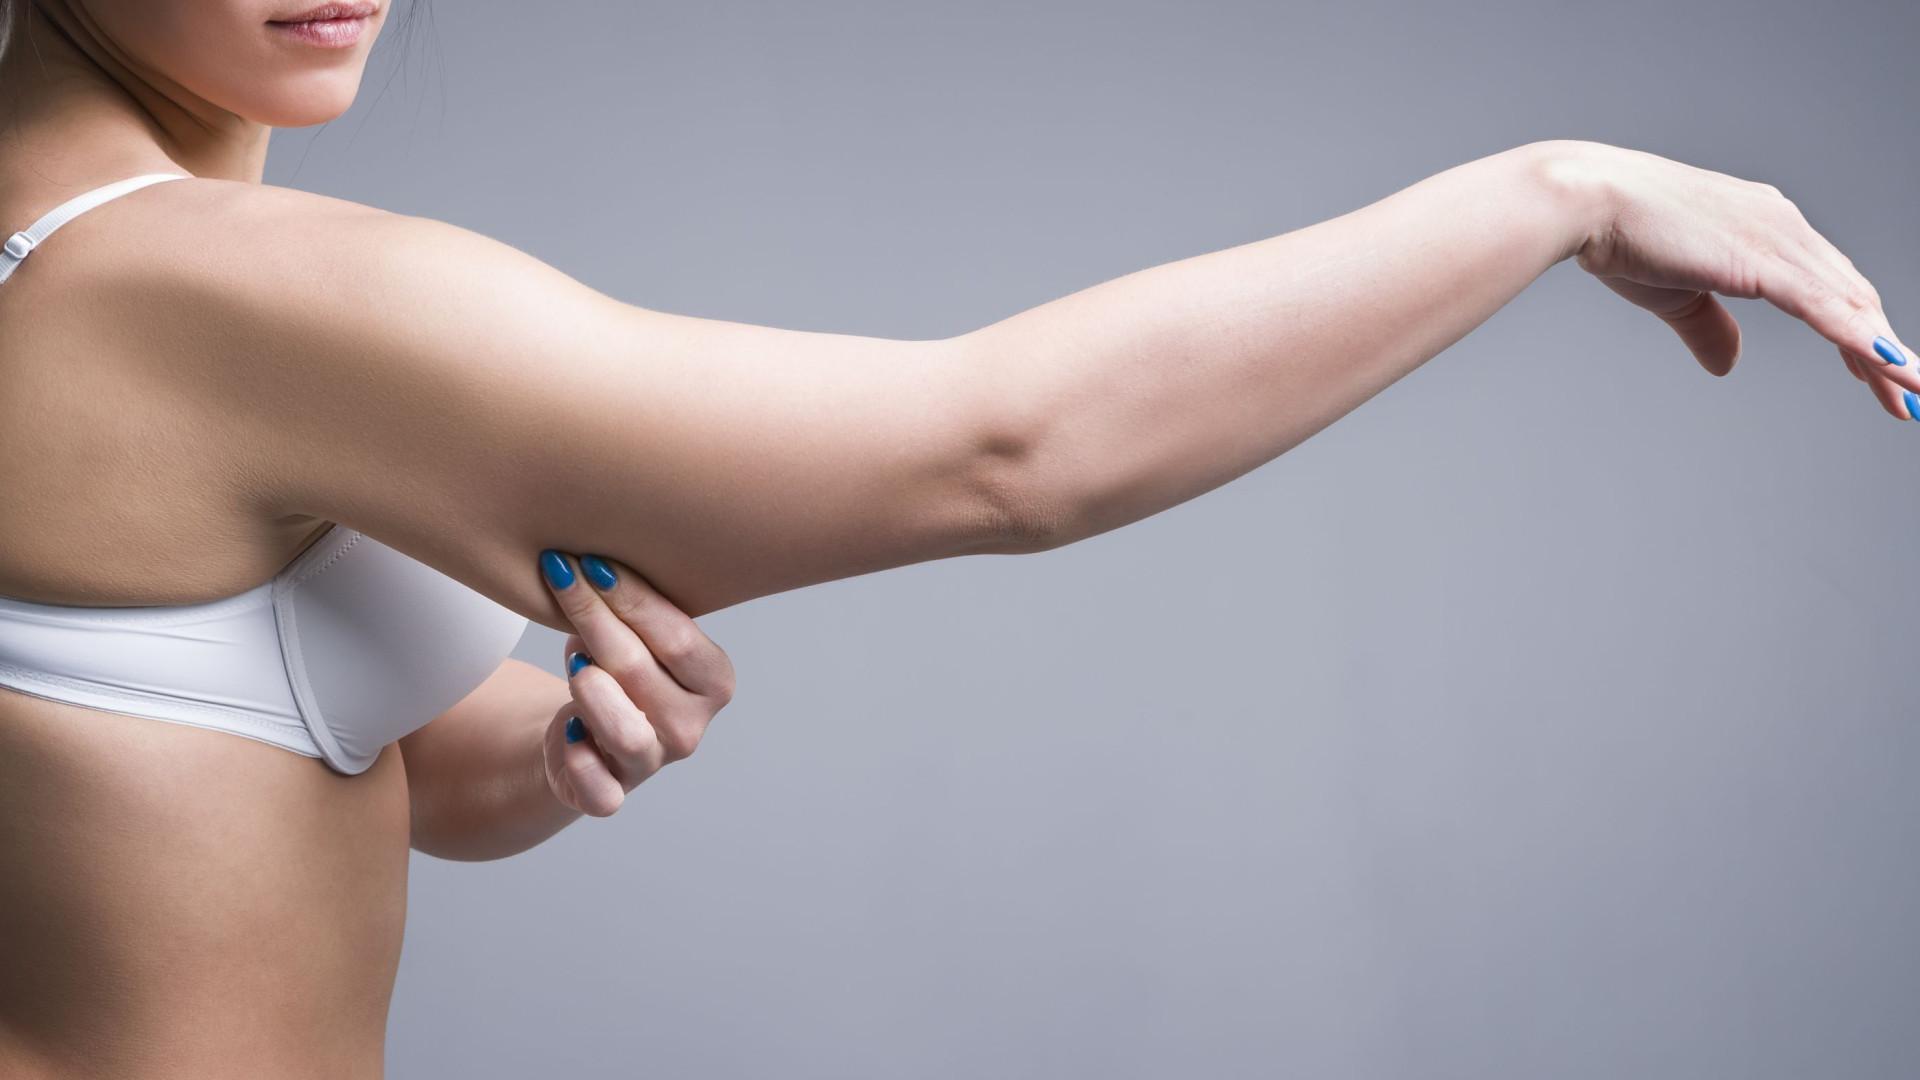 Três dicas simples para se livrar de vez da gordura nos braços